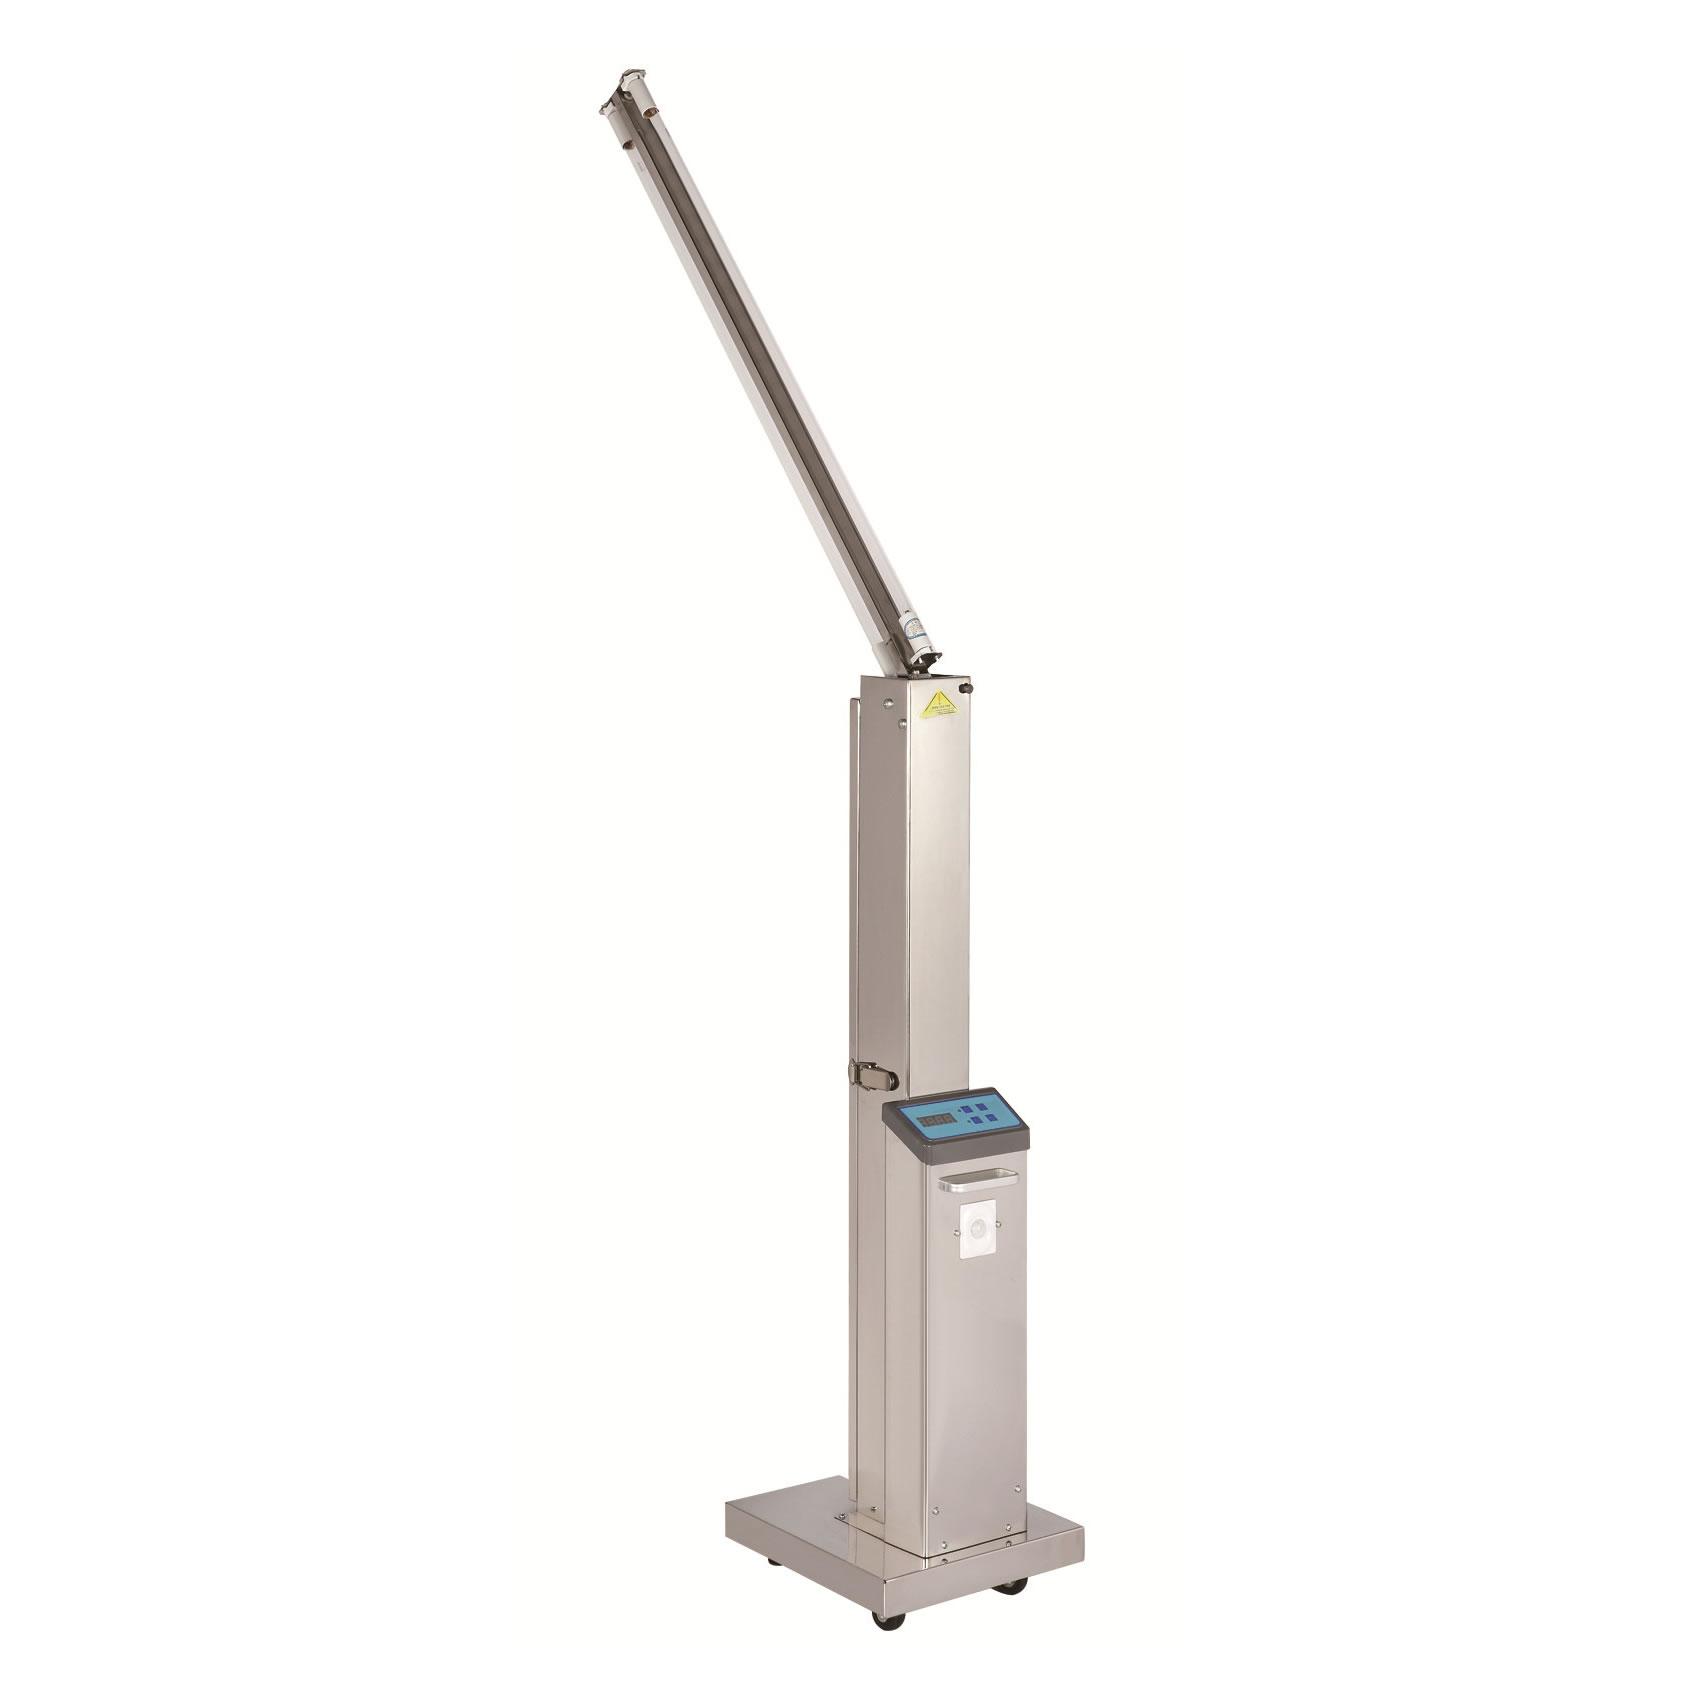 Carrello per disinfezione a lampada UV-C